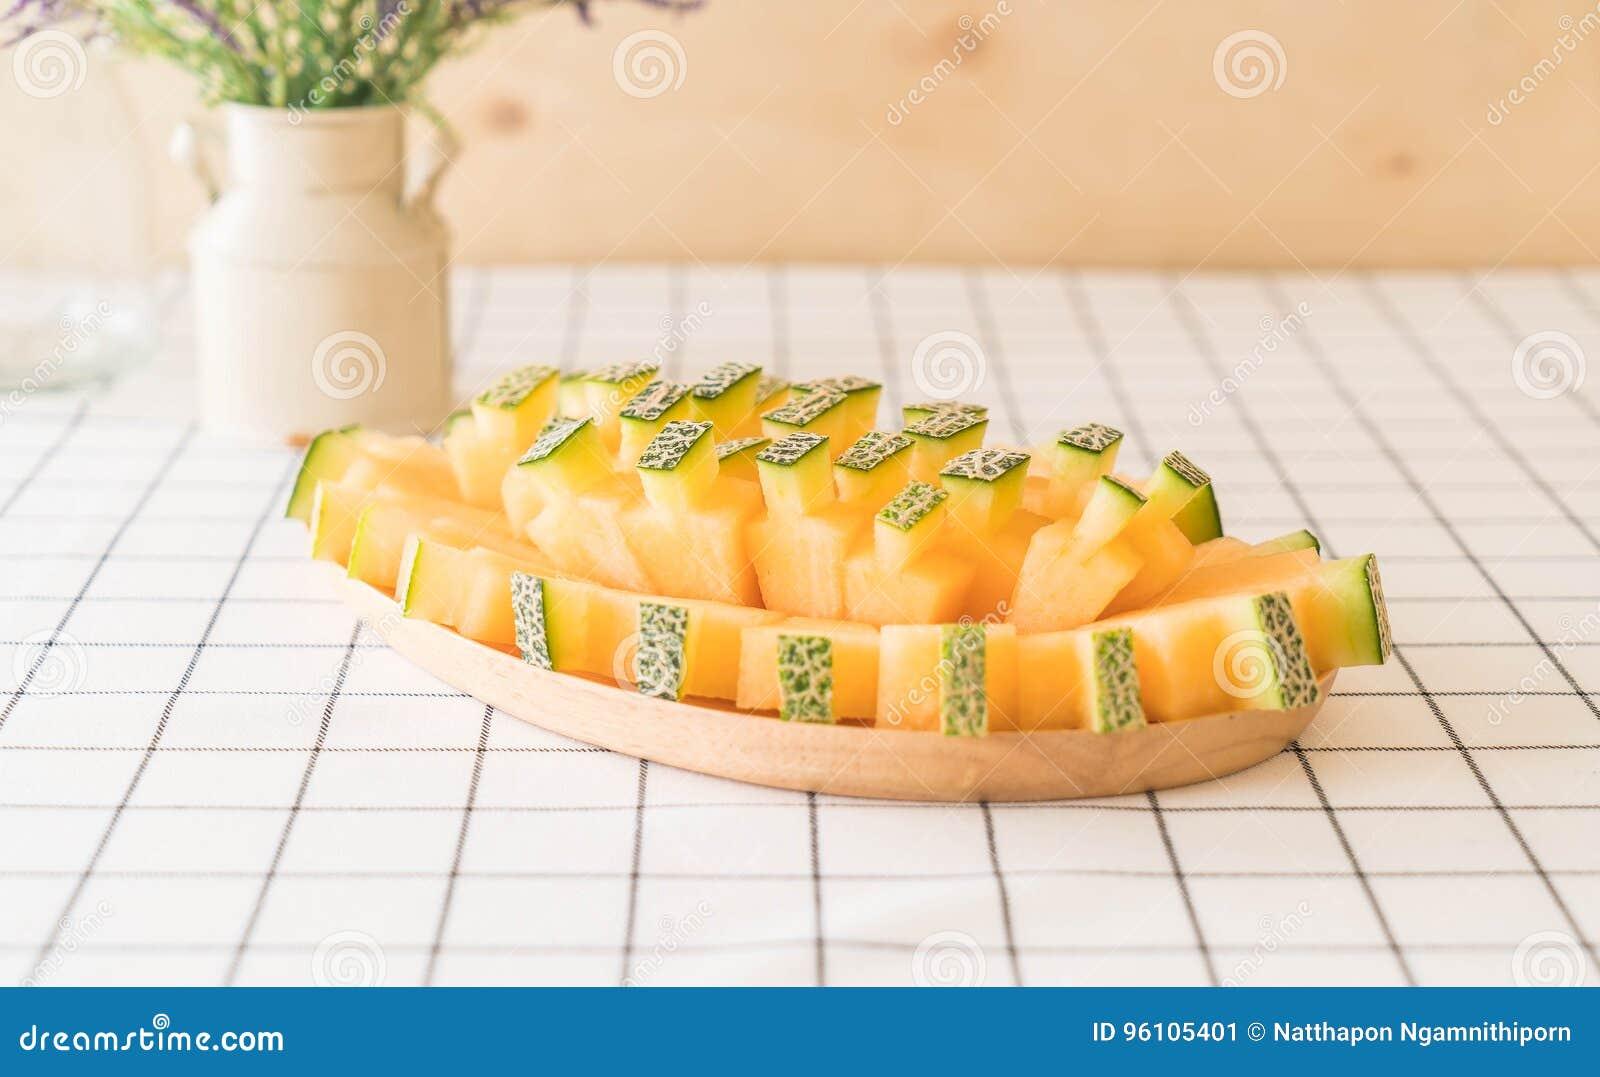 甜瓜新鲜的瓜